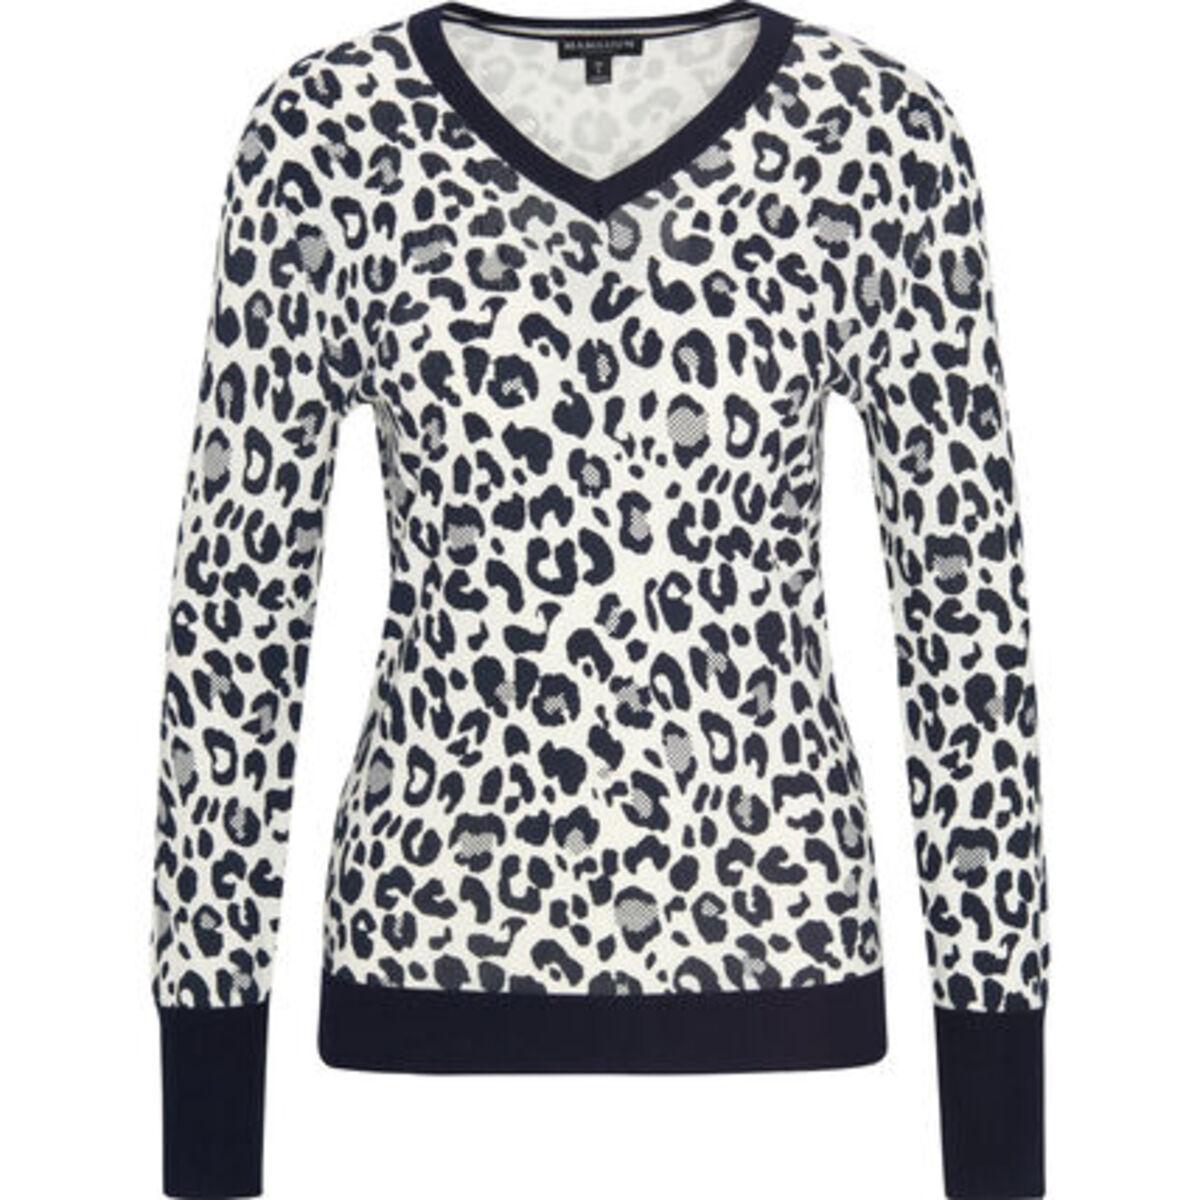 Bild 1 von MANGUUN Collection Pullover, V-Ausschnitt, Rippdetails, Label-Emblem, für Damen